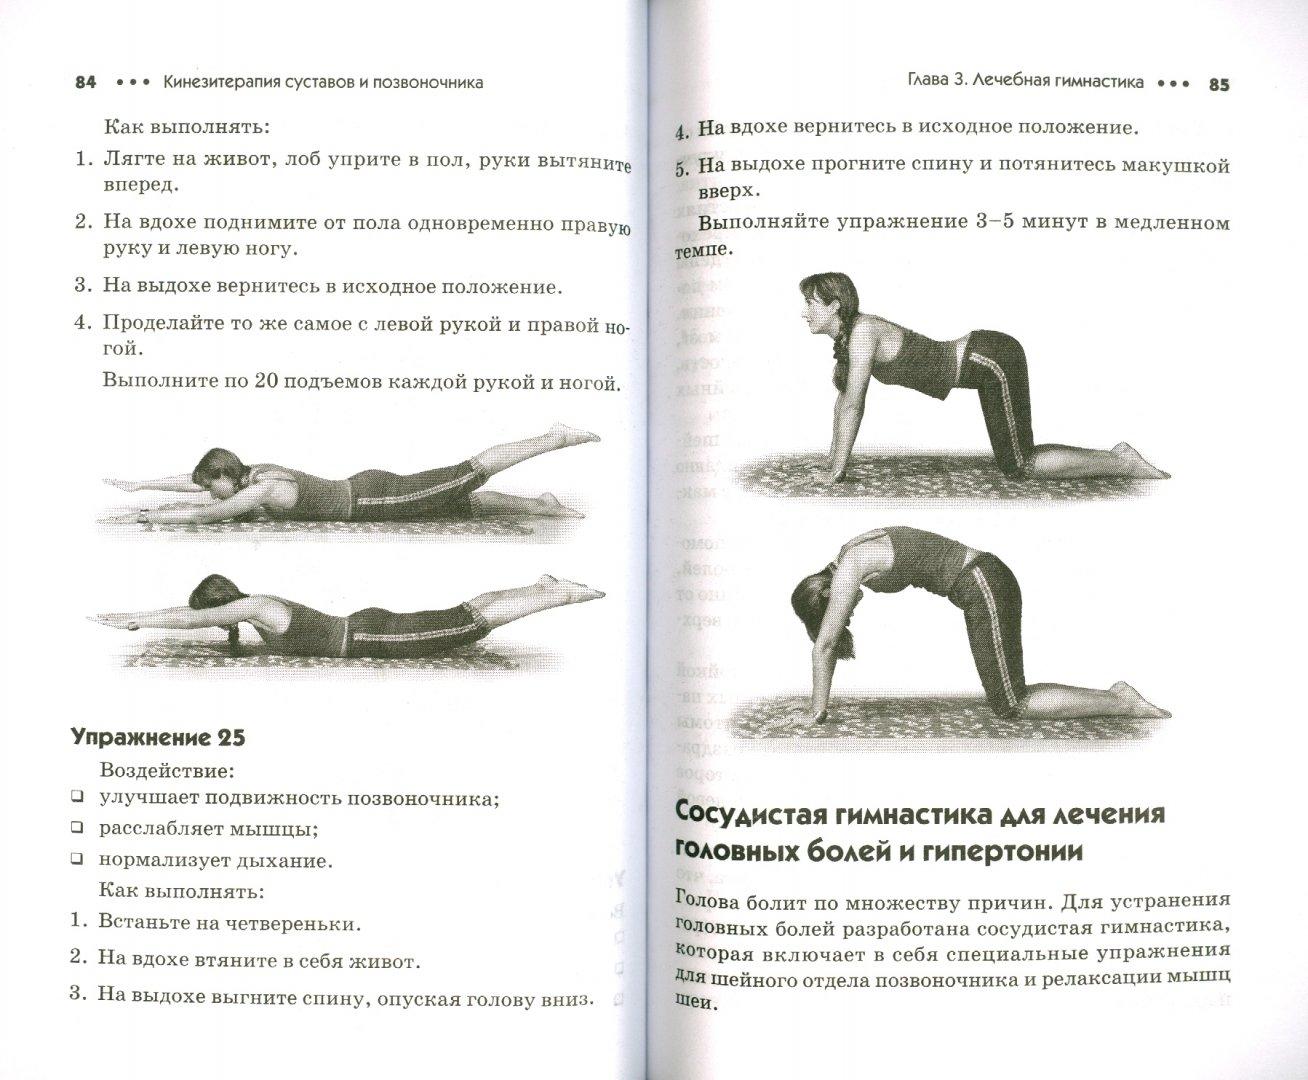 гимнастика бубновского в картинках при грыже была известна